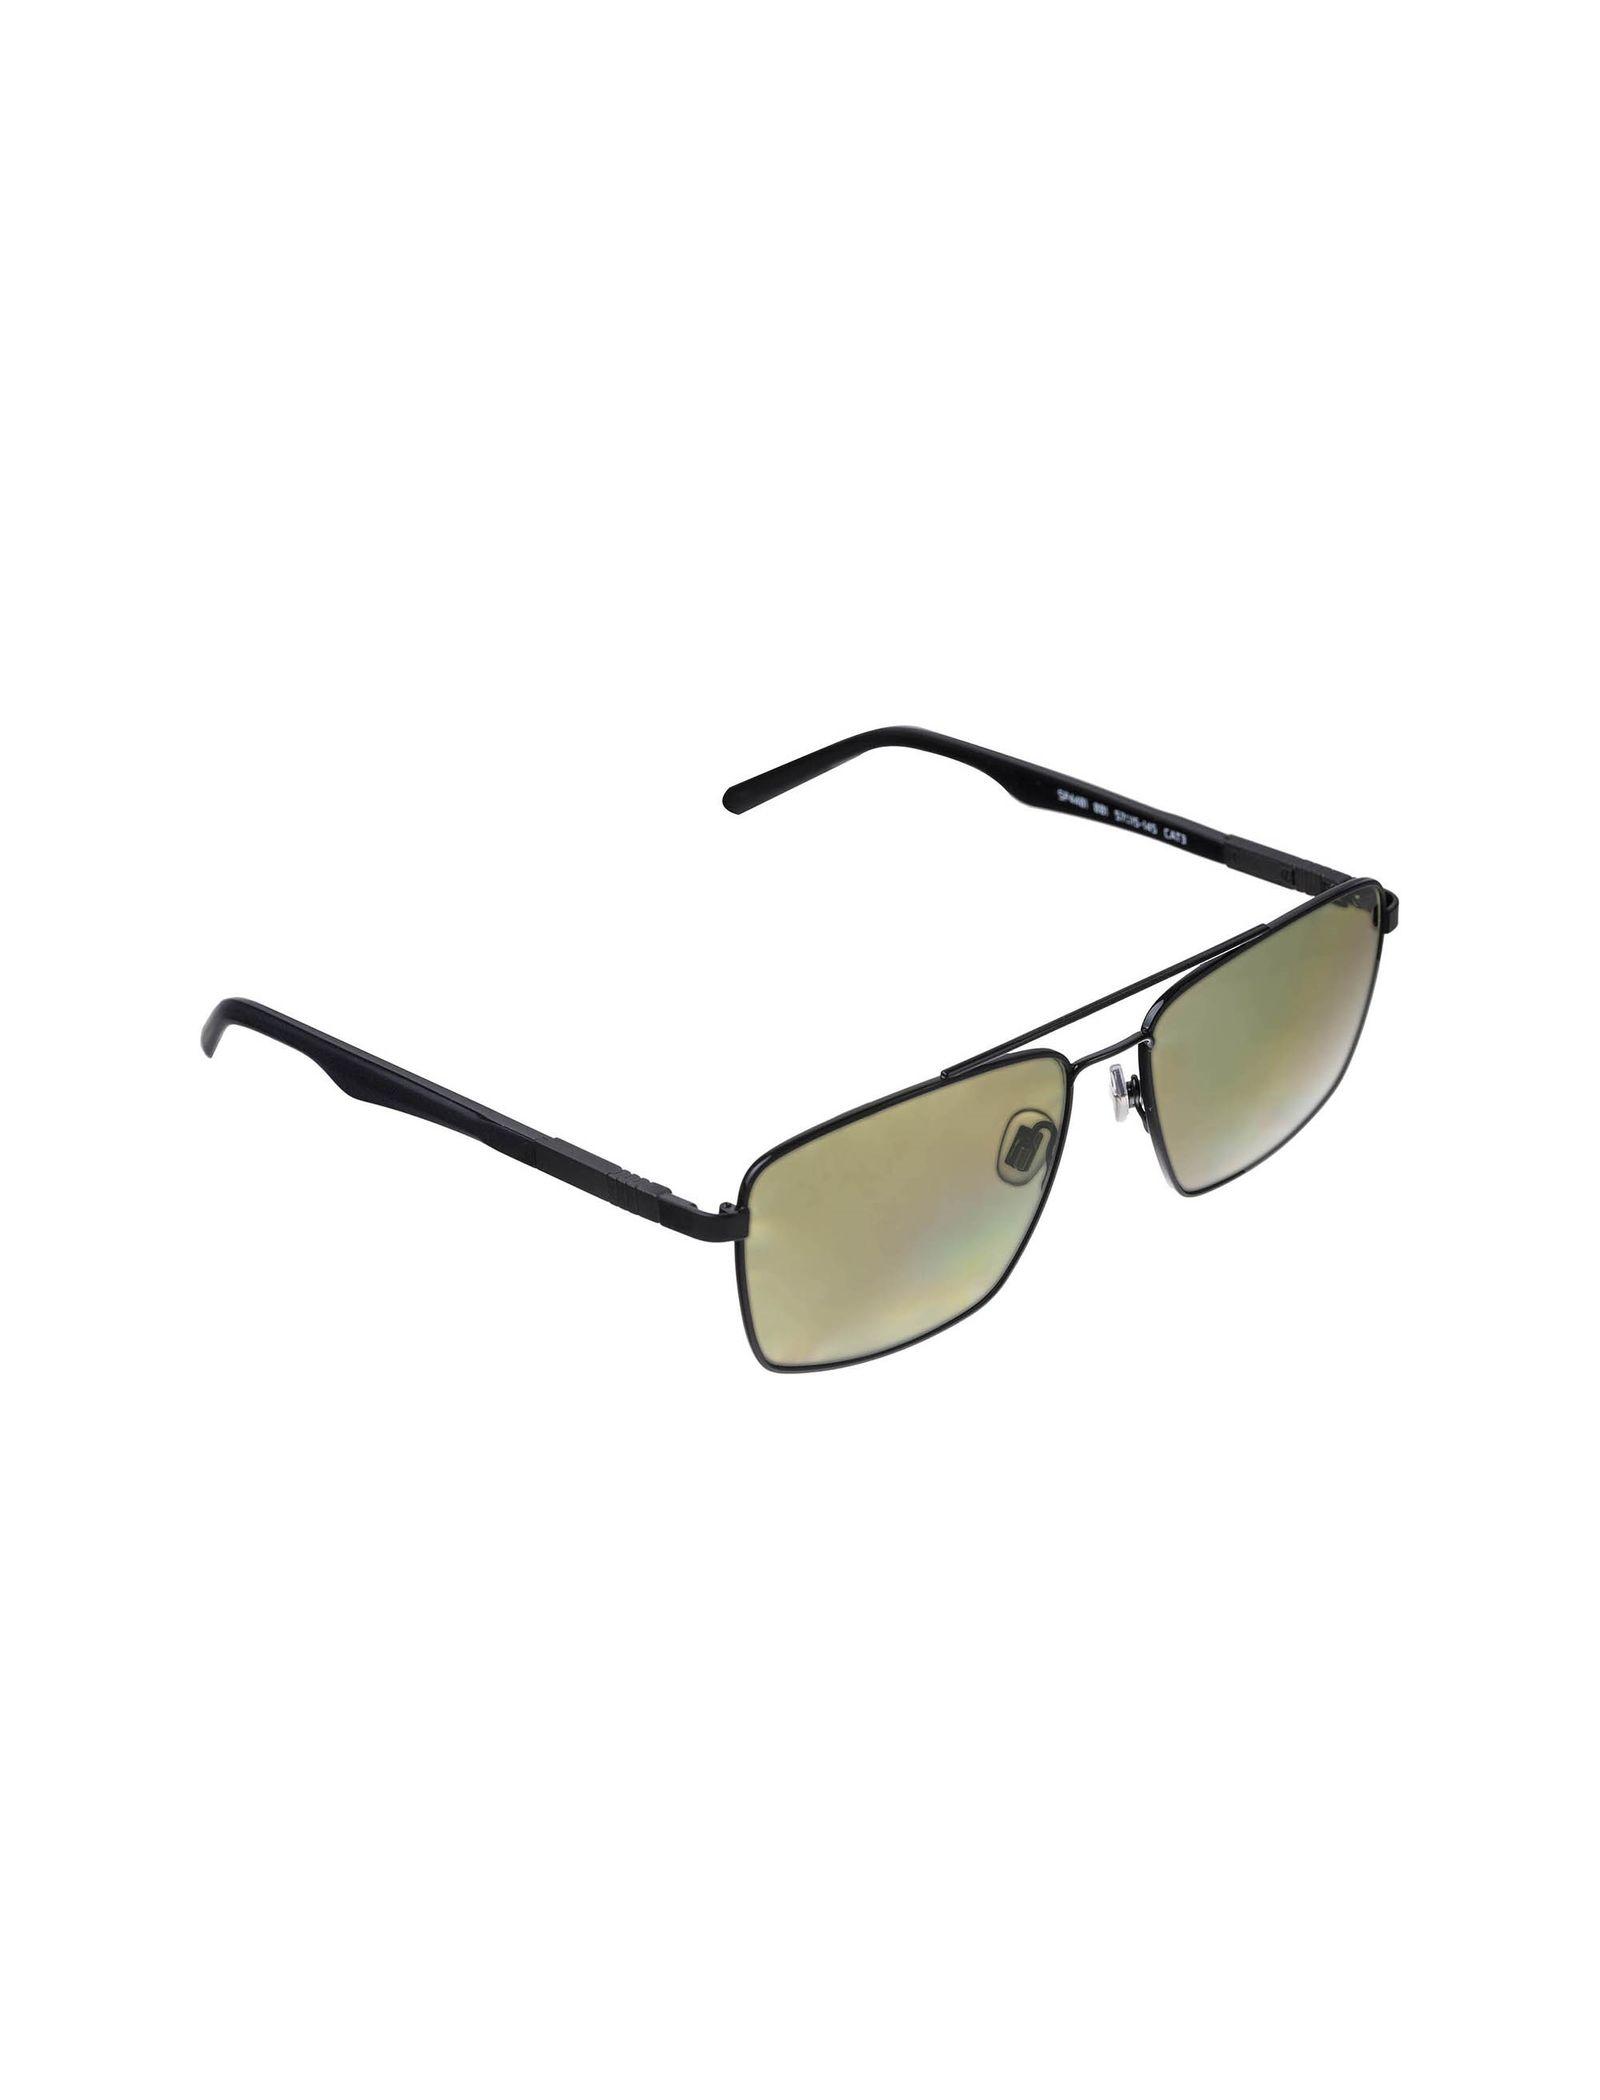 عینک مستطیلی مردانه - اسپاین - مشکي - 4